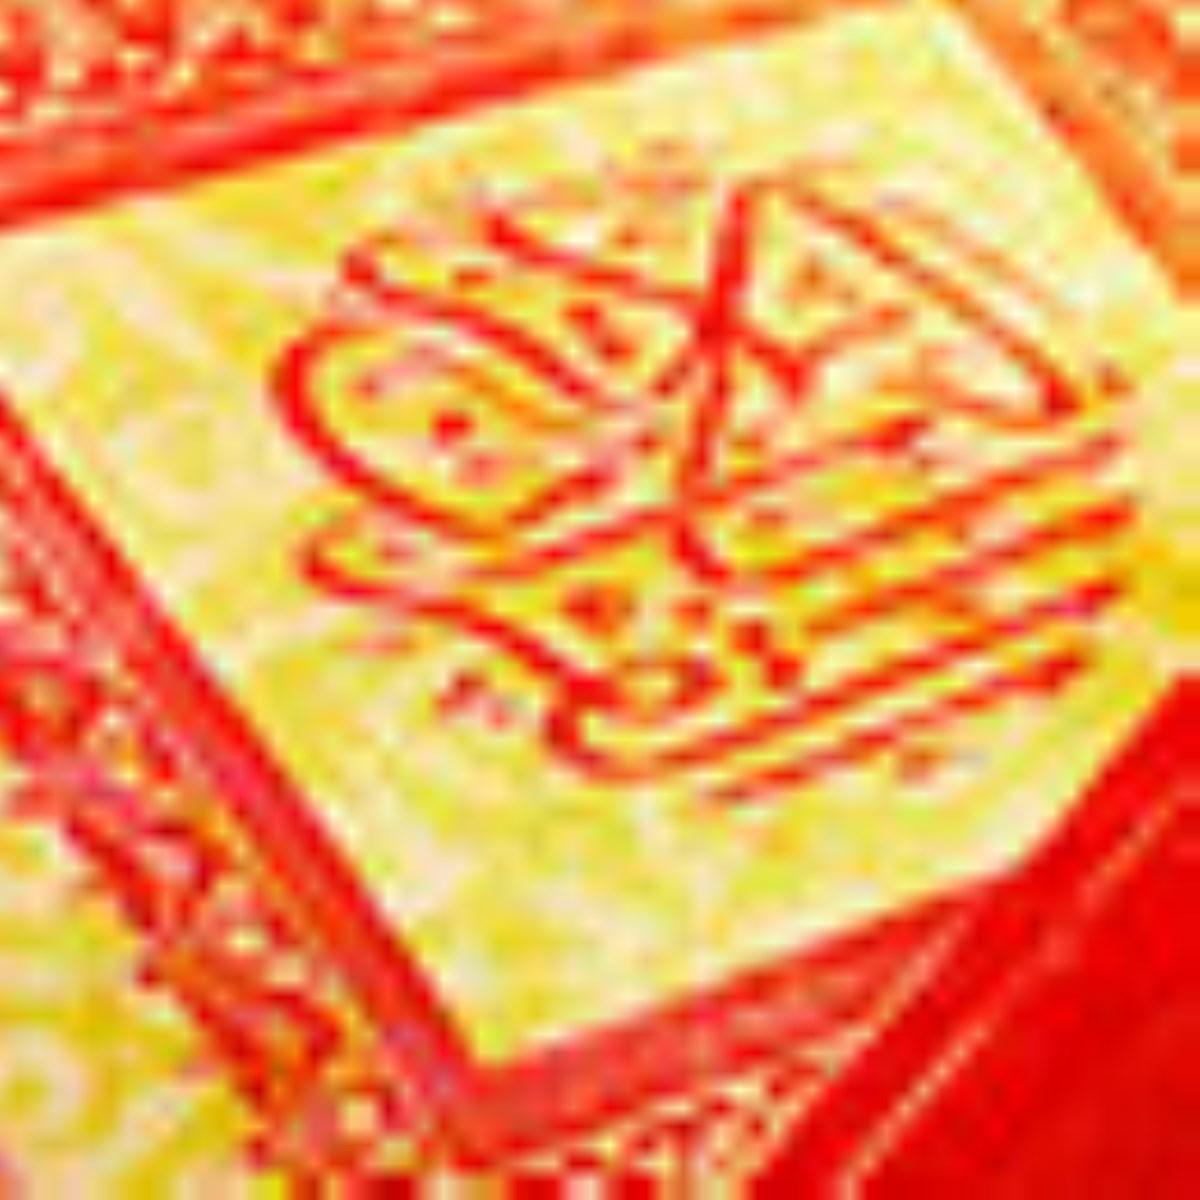 اوصاف دوزخ از نگاه قرآن